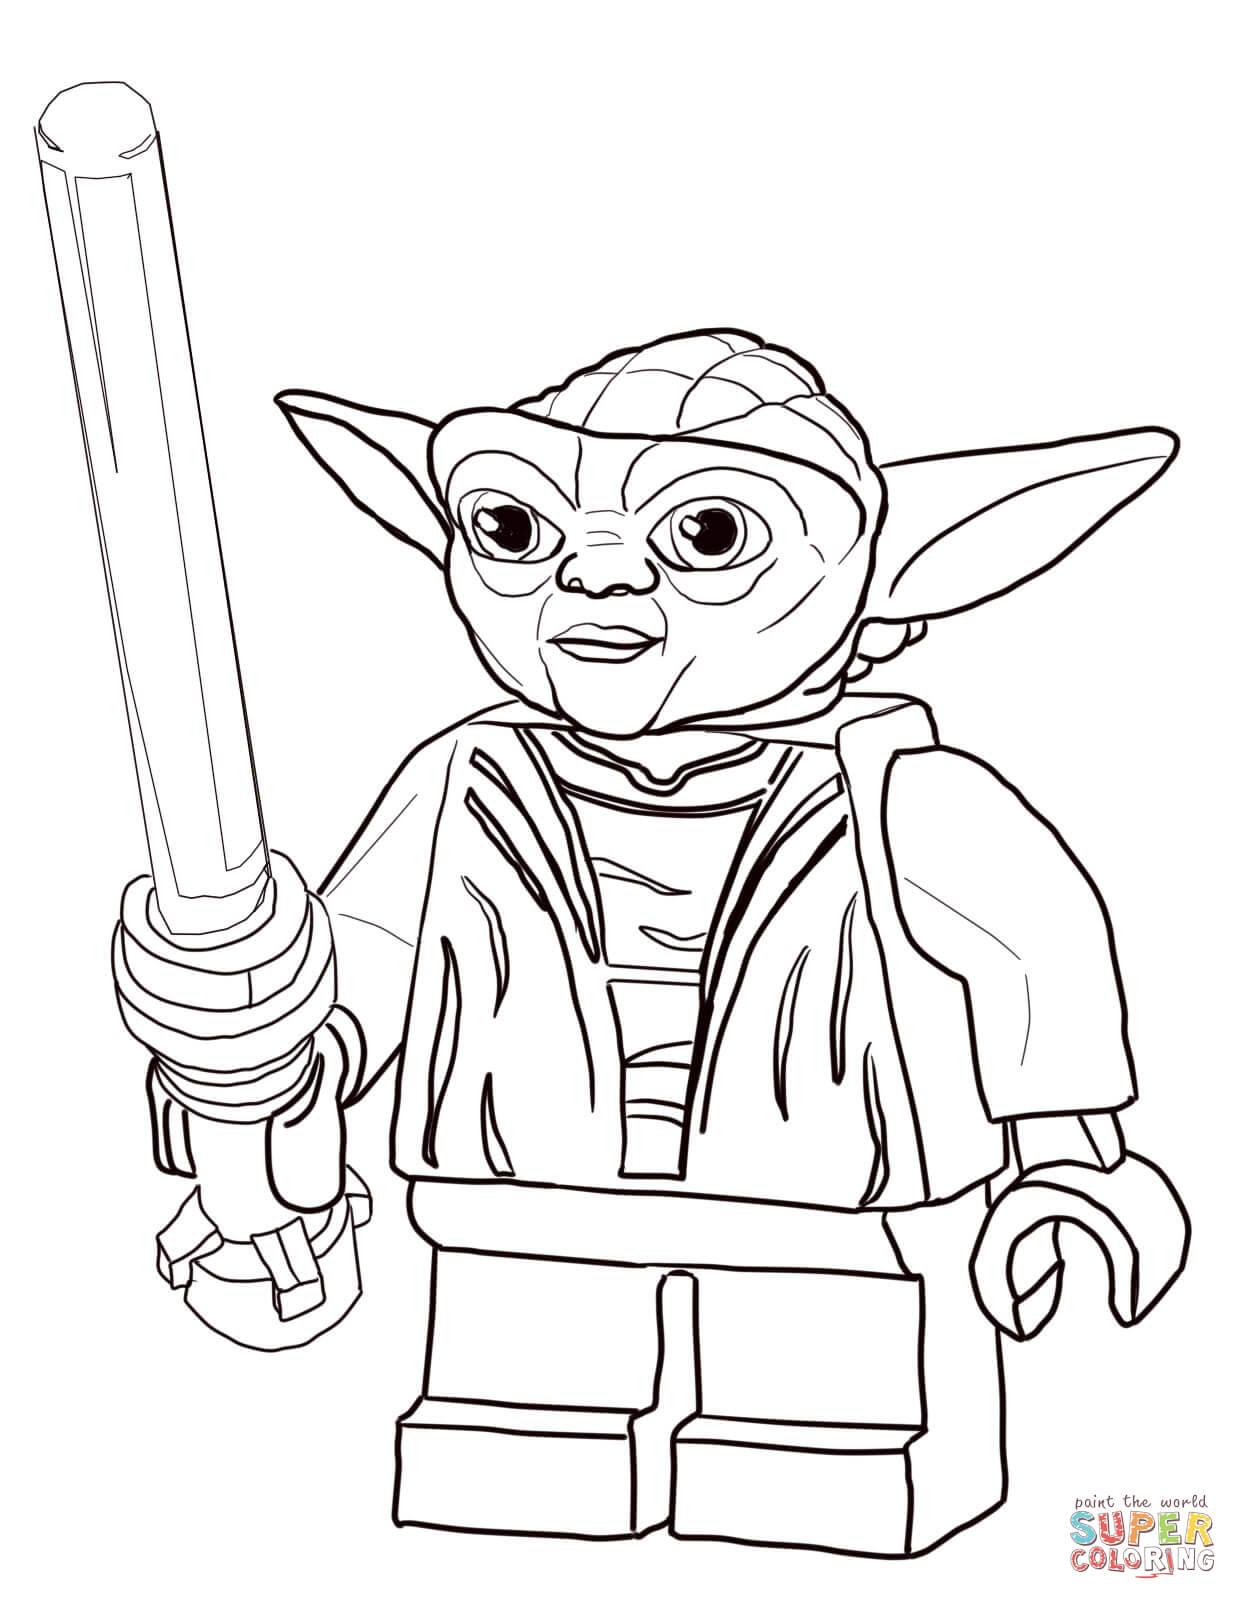 110 dessins de coloriage star wars imprimer sur page 9 - Star wars coloriage gratuit ...